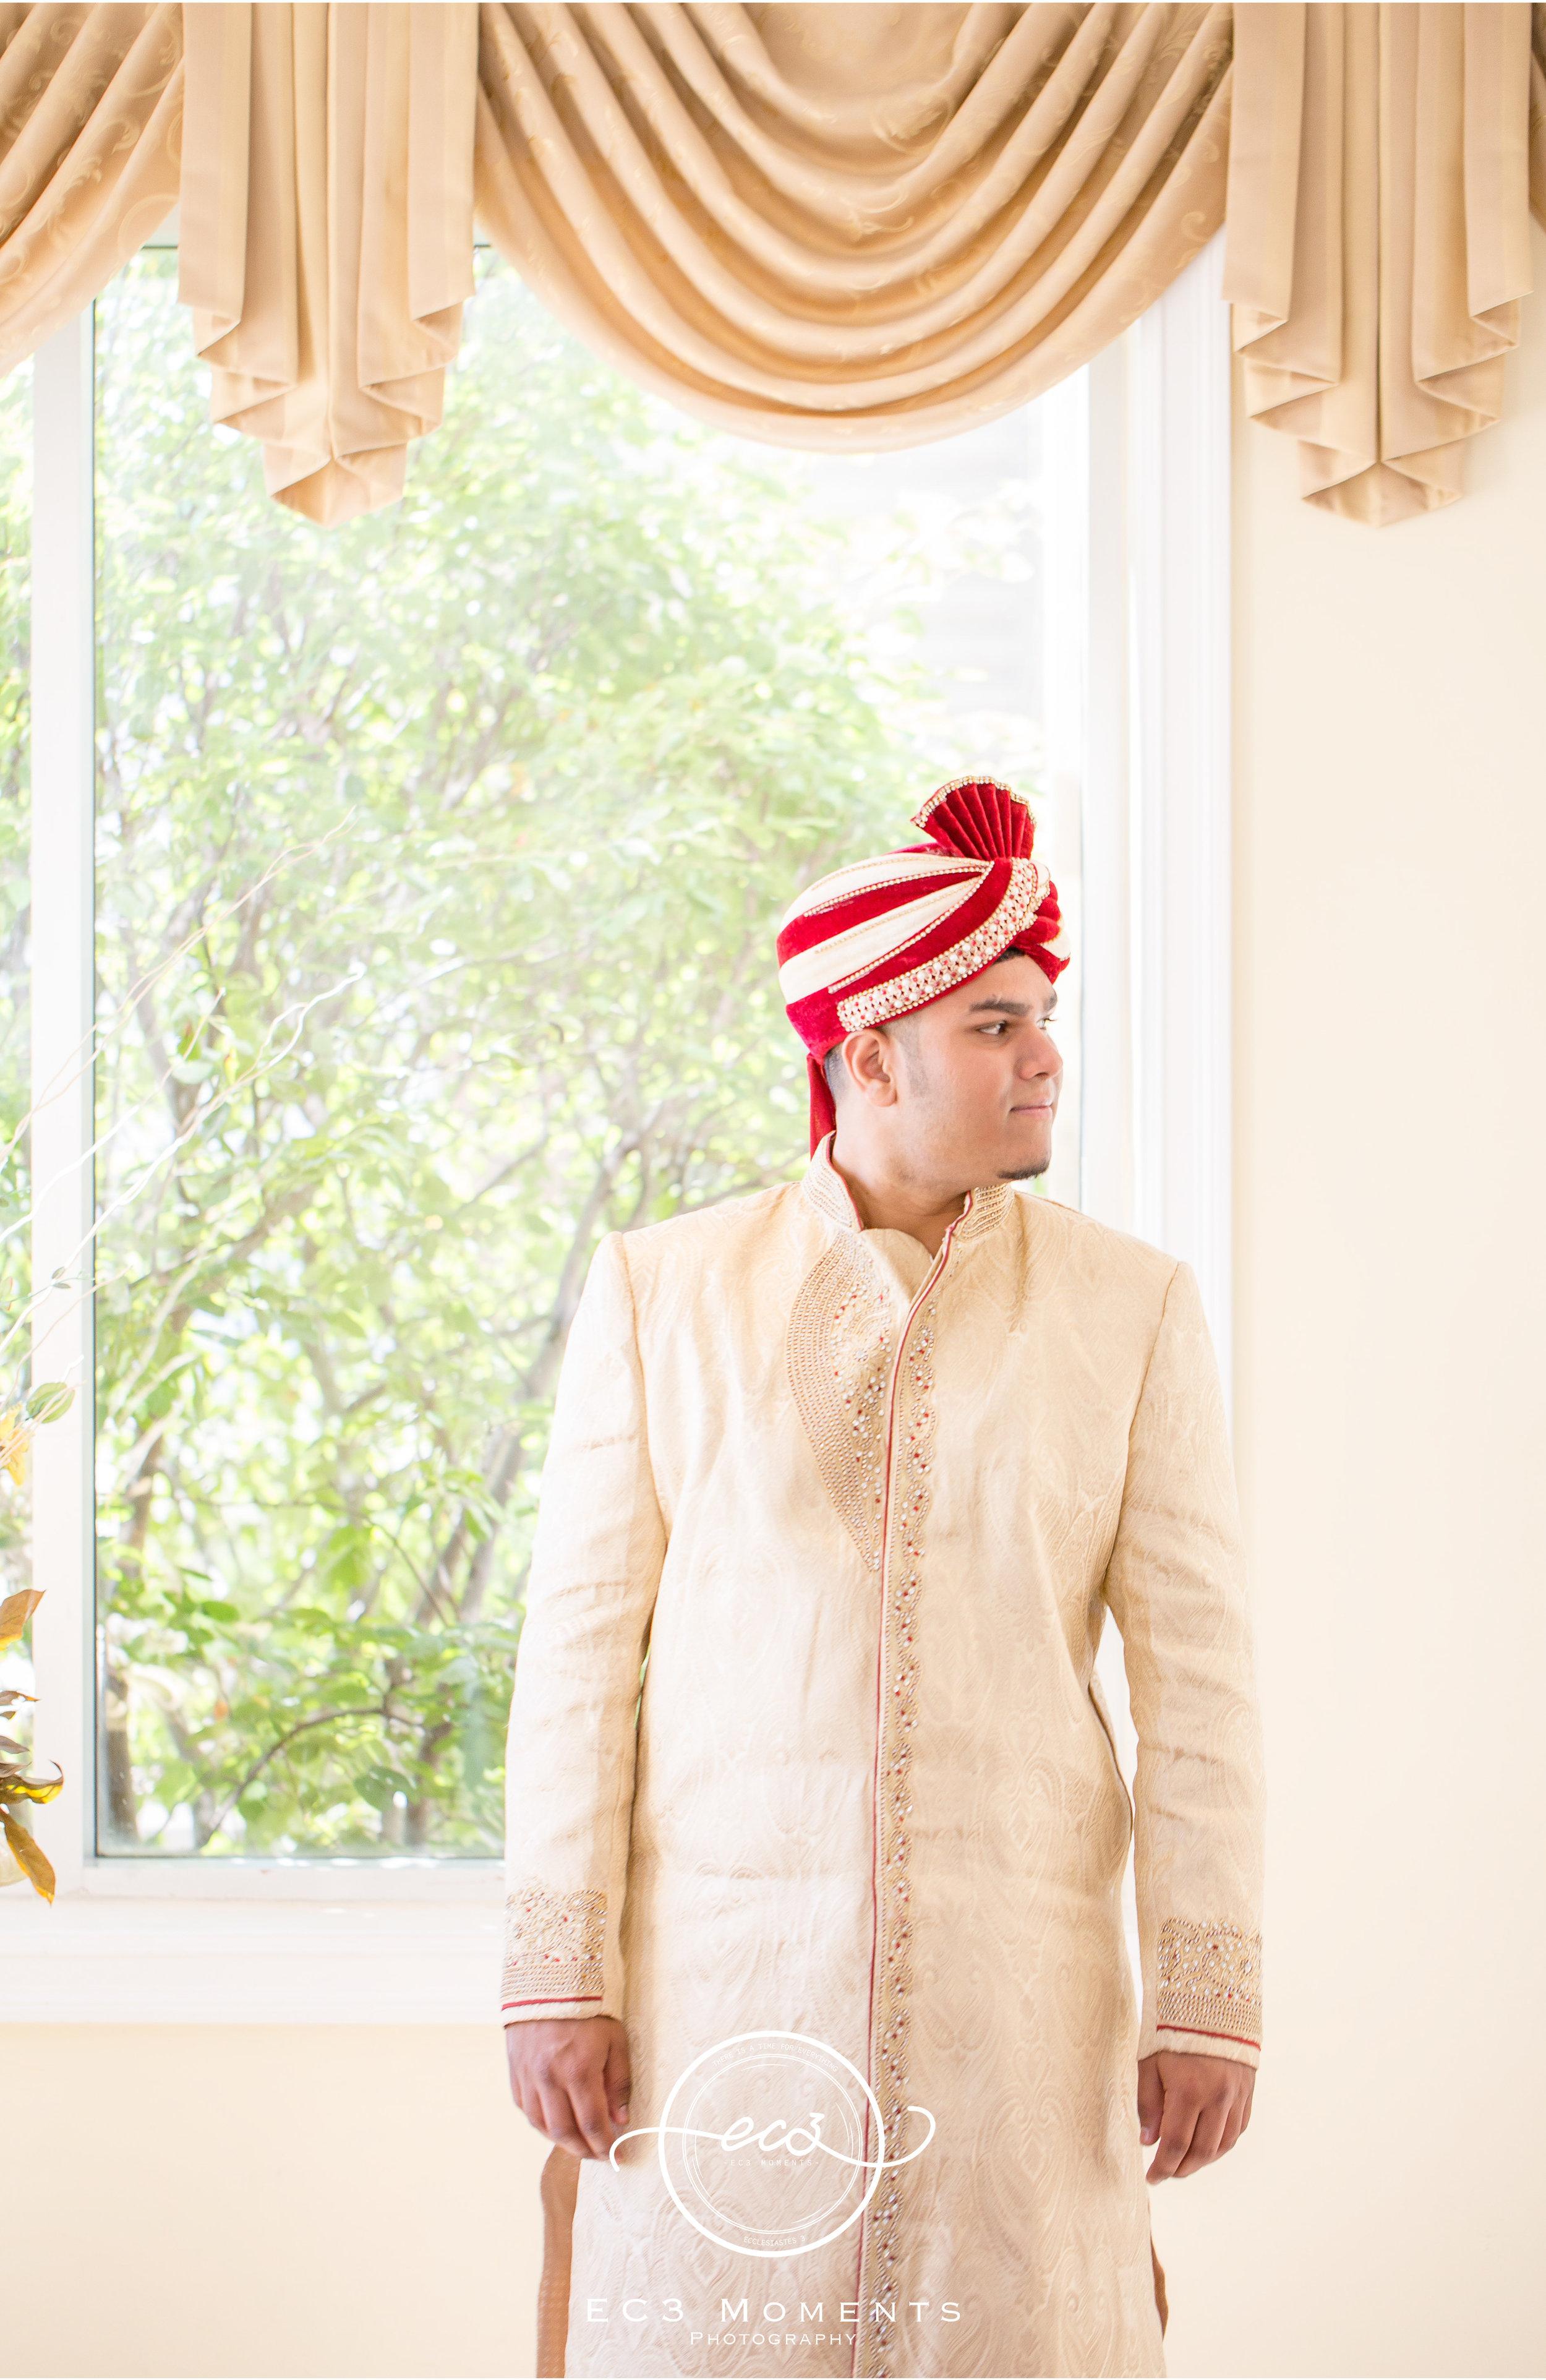 Dolly & Paul Sagan Hindu Wedding Day One 6.jpg